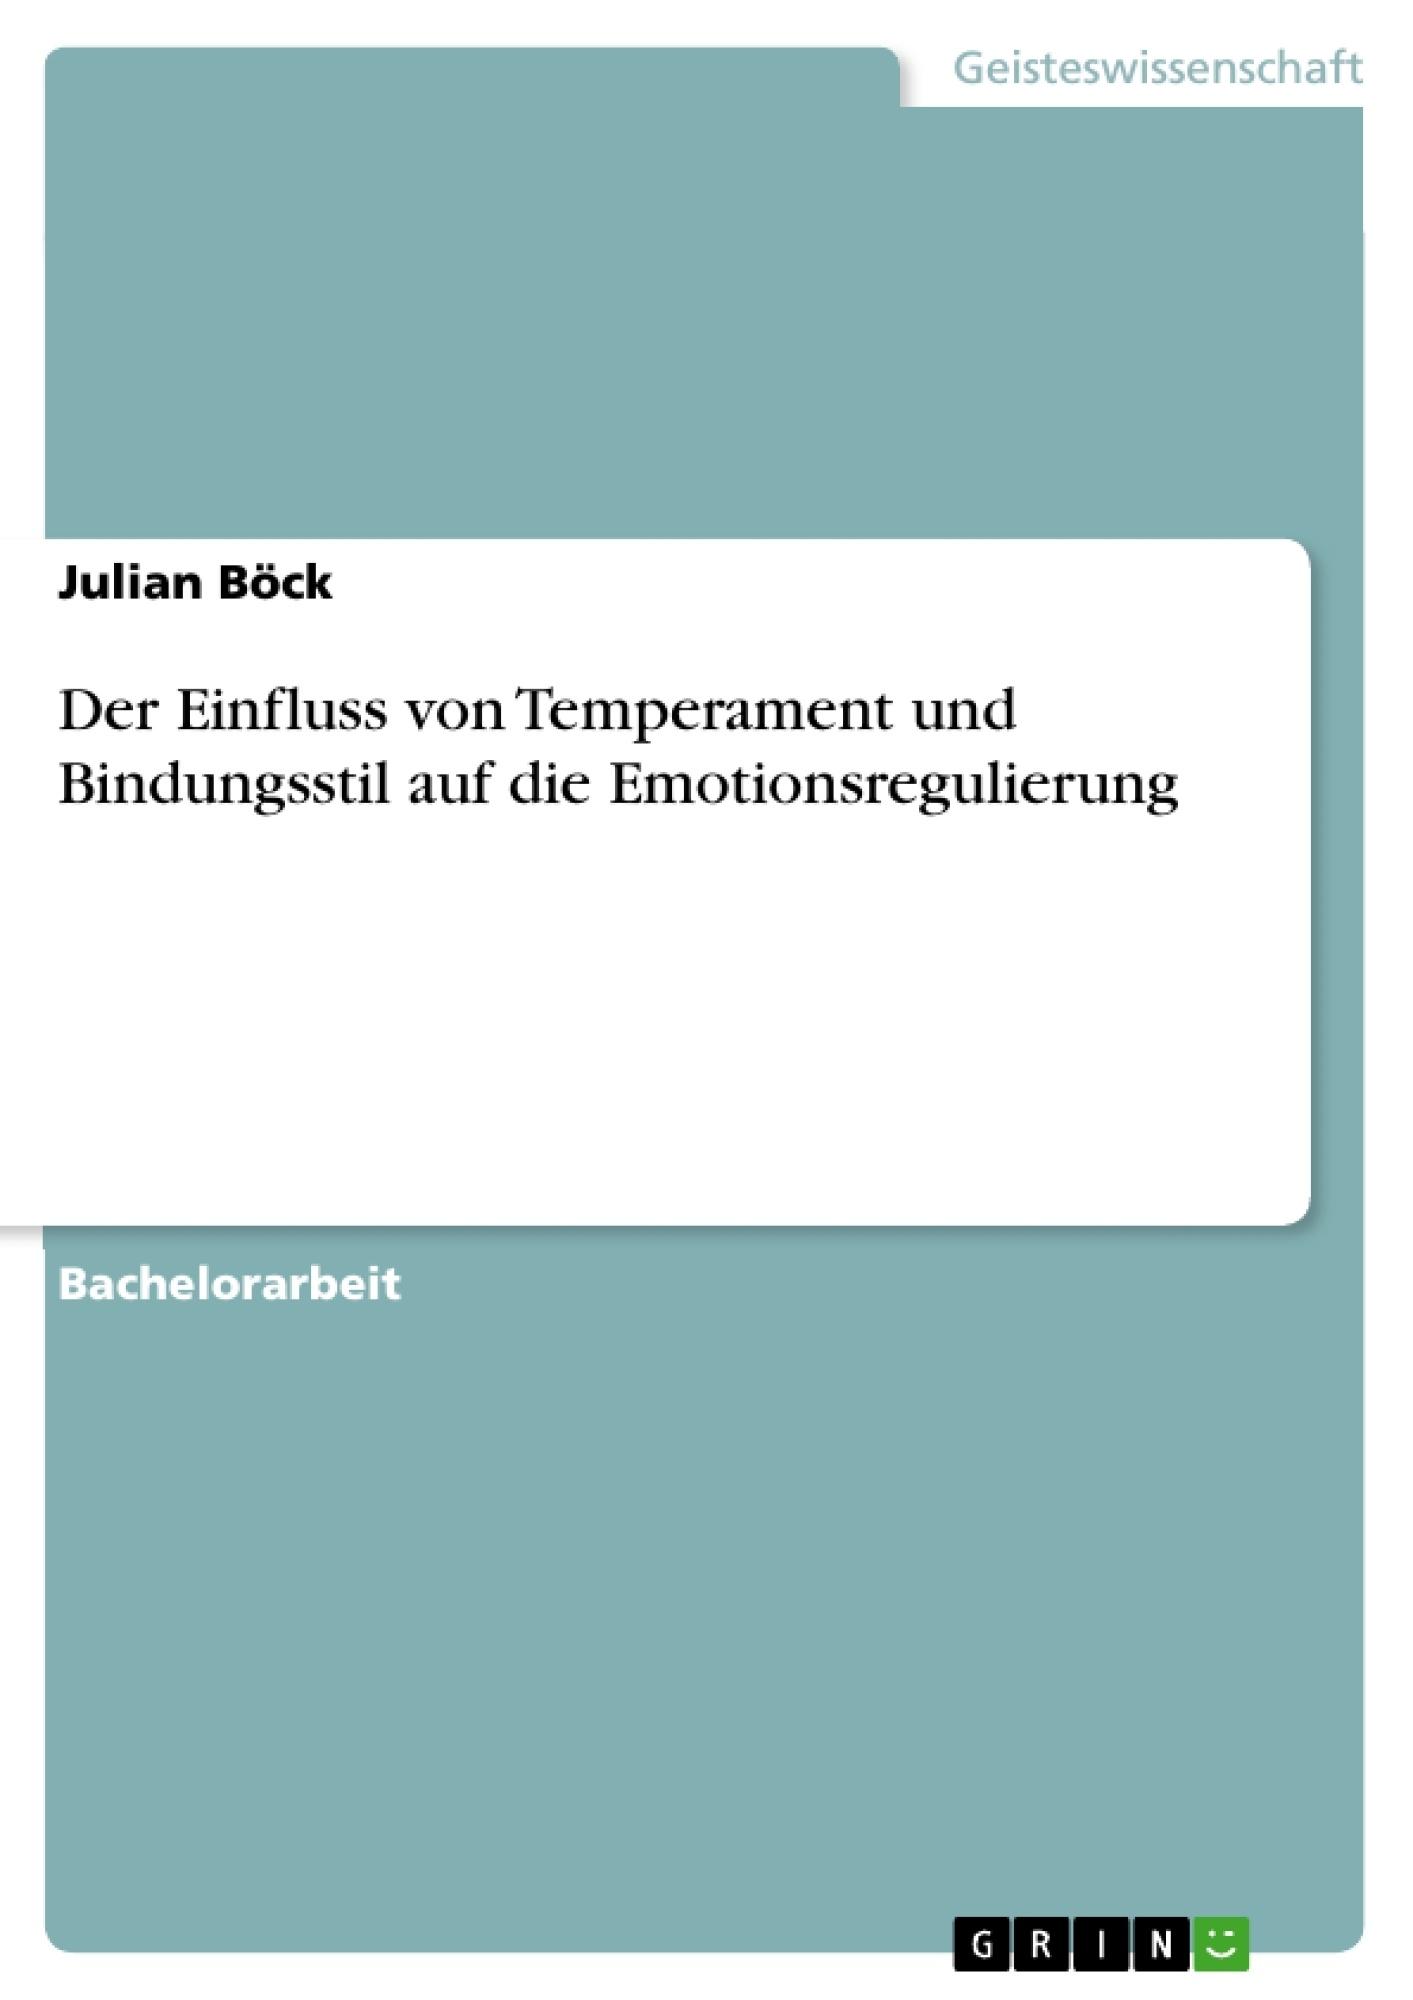 Titel: Der Einfluss von Temperament und Bindungsstil auf die Emotionsregulierung